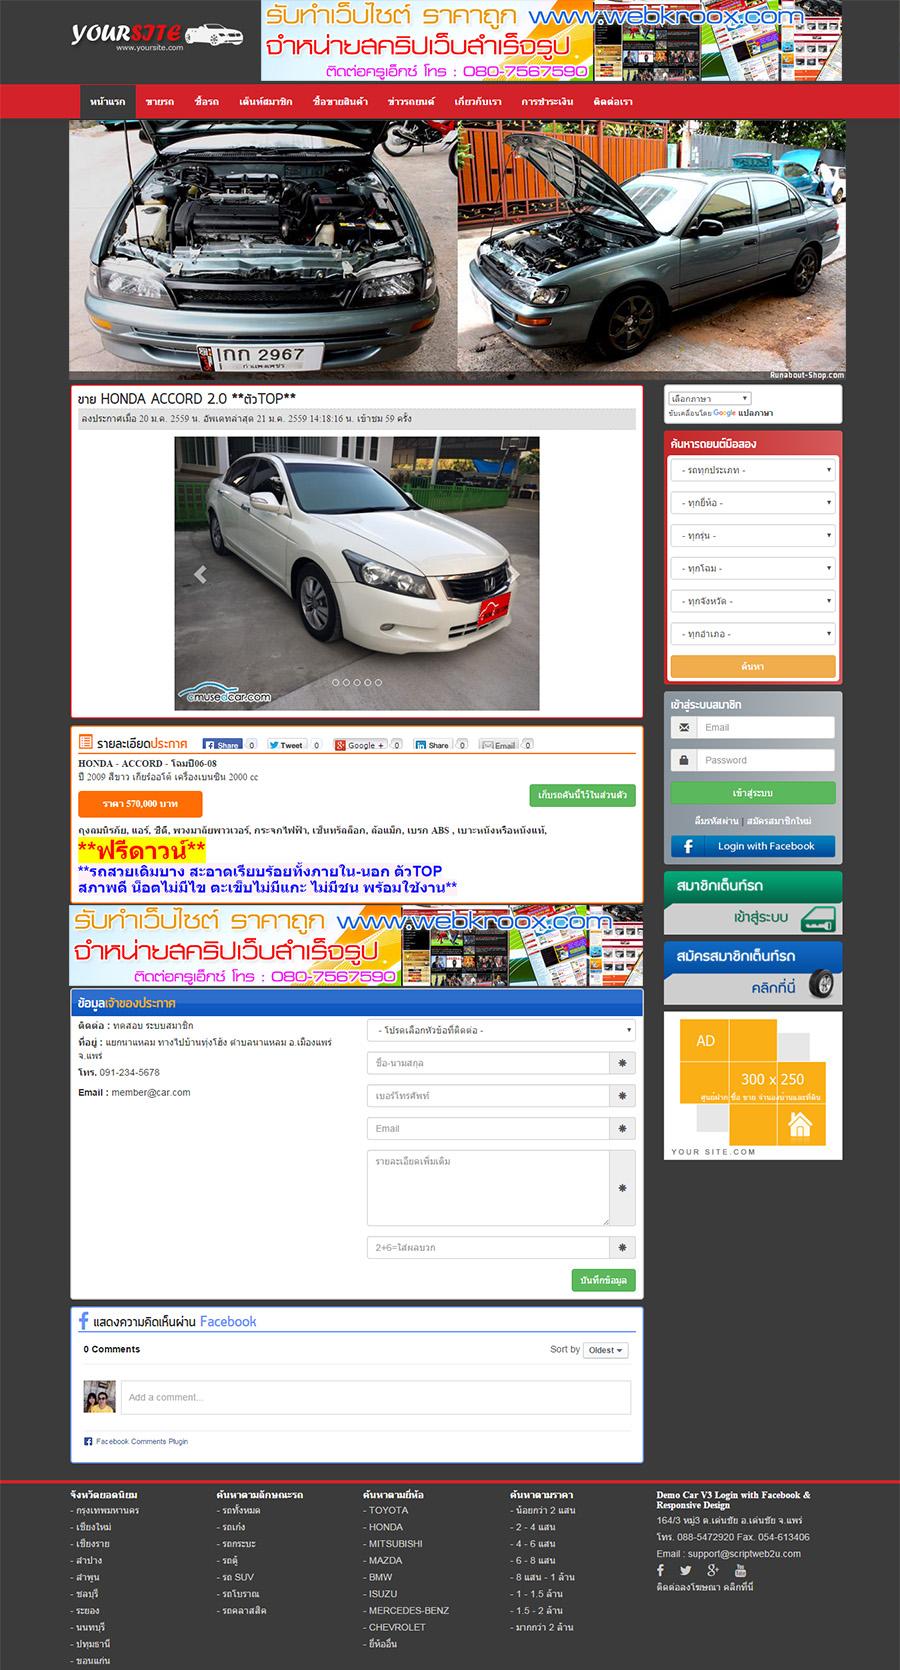 ภาพที่ 1 รับทำเว็บไซต์ขายรถยนต์ มือสอง Responsive Design